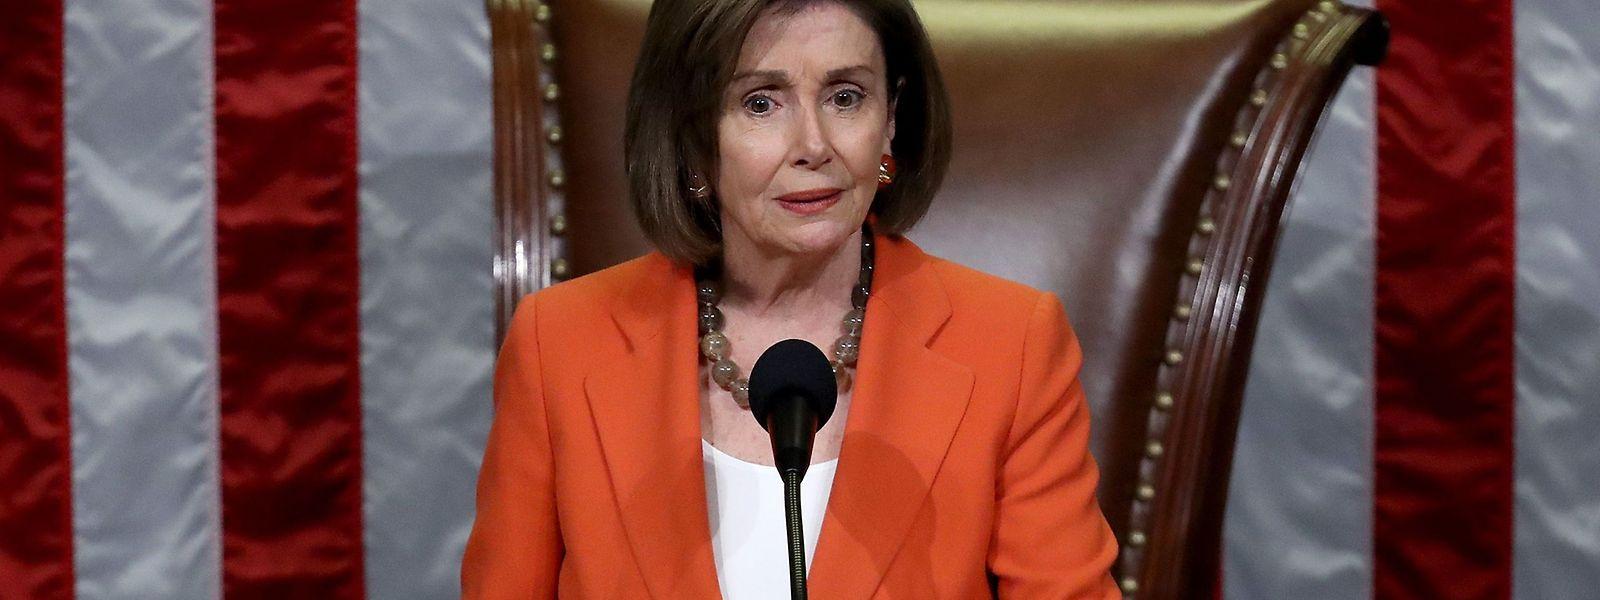 Die Vorsitzende des US-Abgeordnetenhauses, Nancy Pelosi.